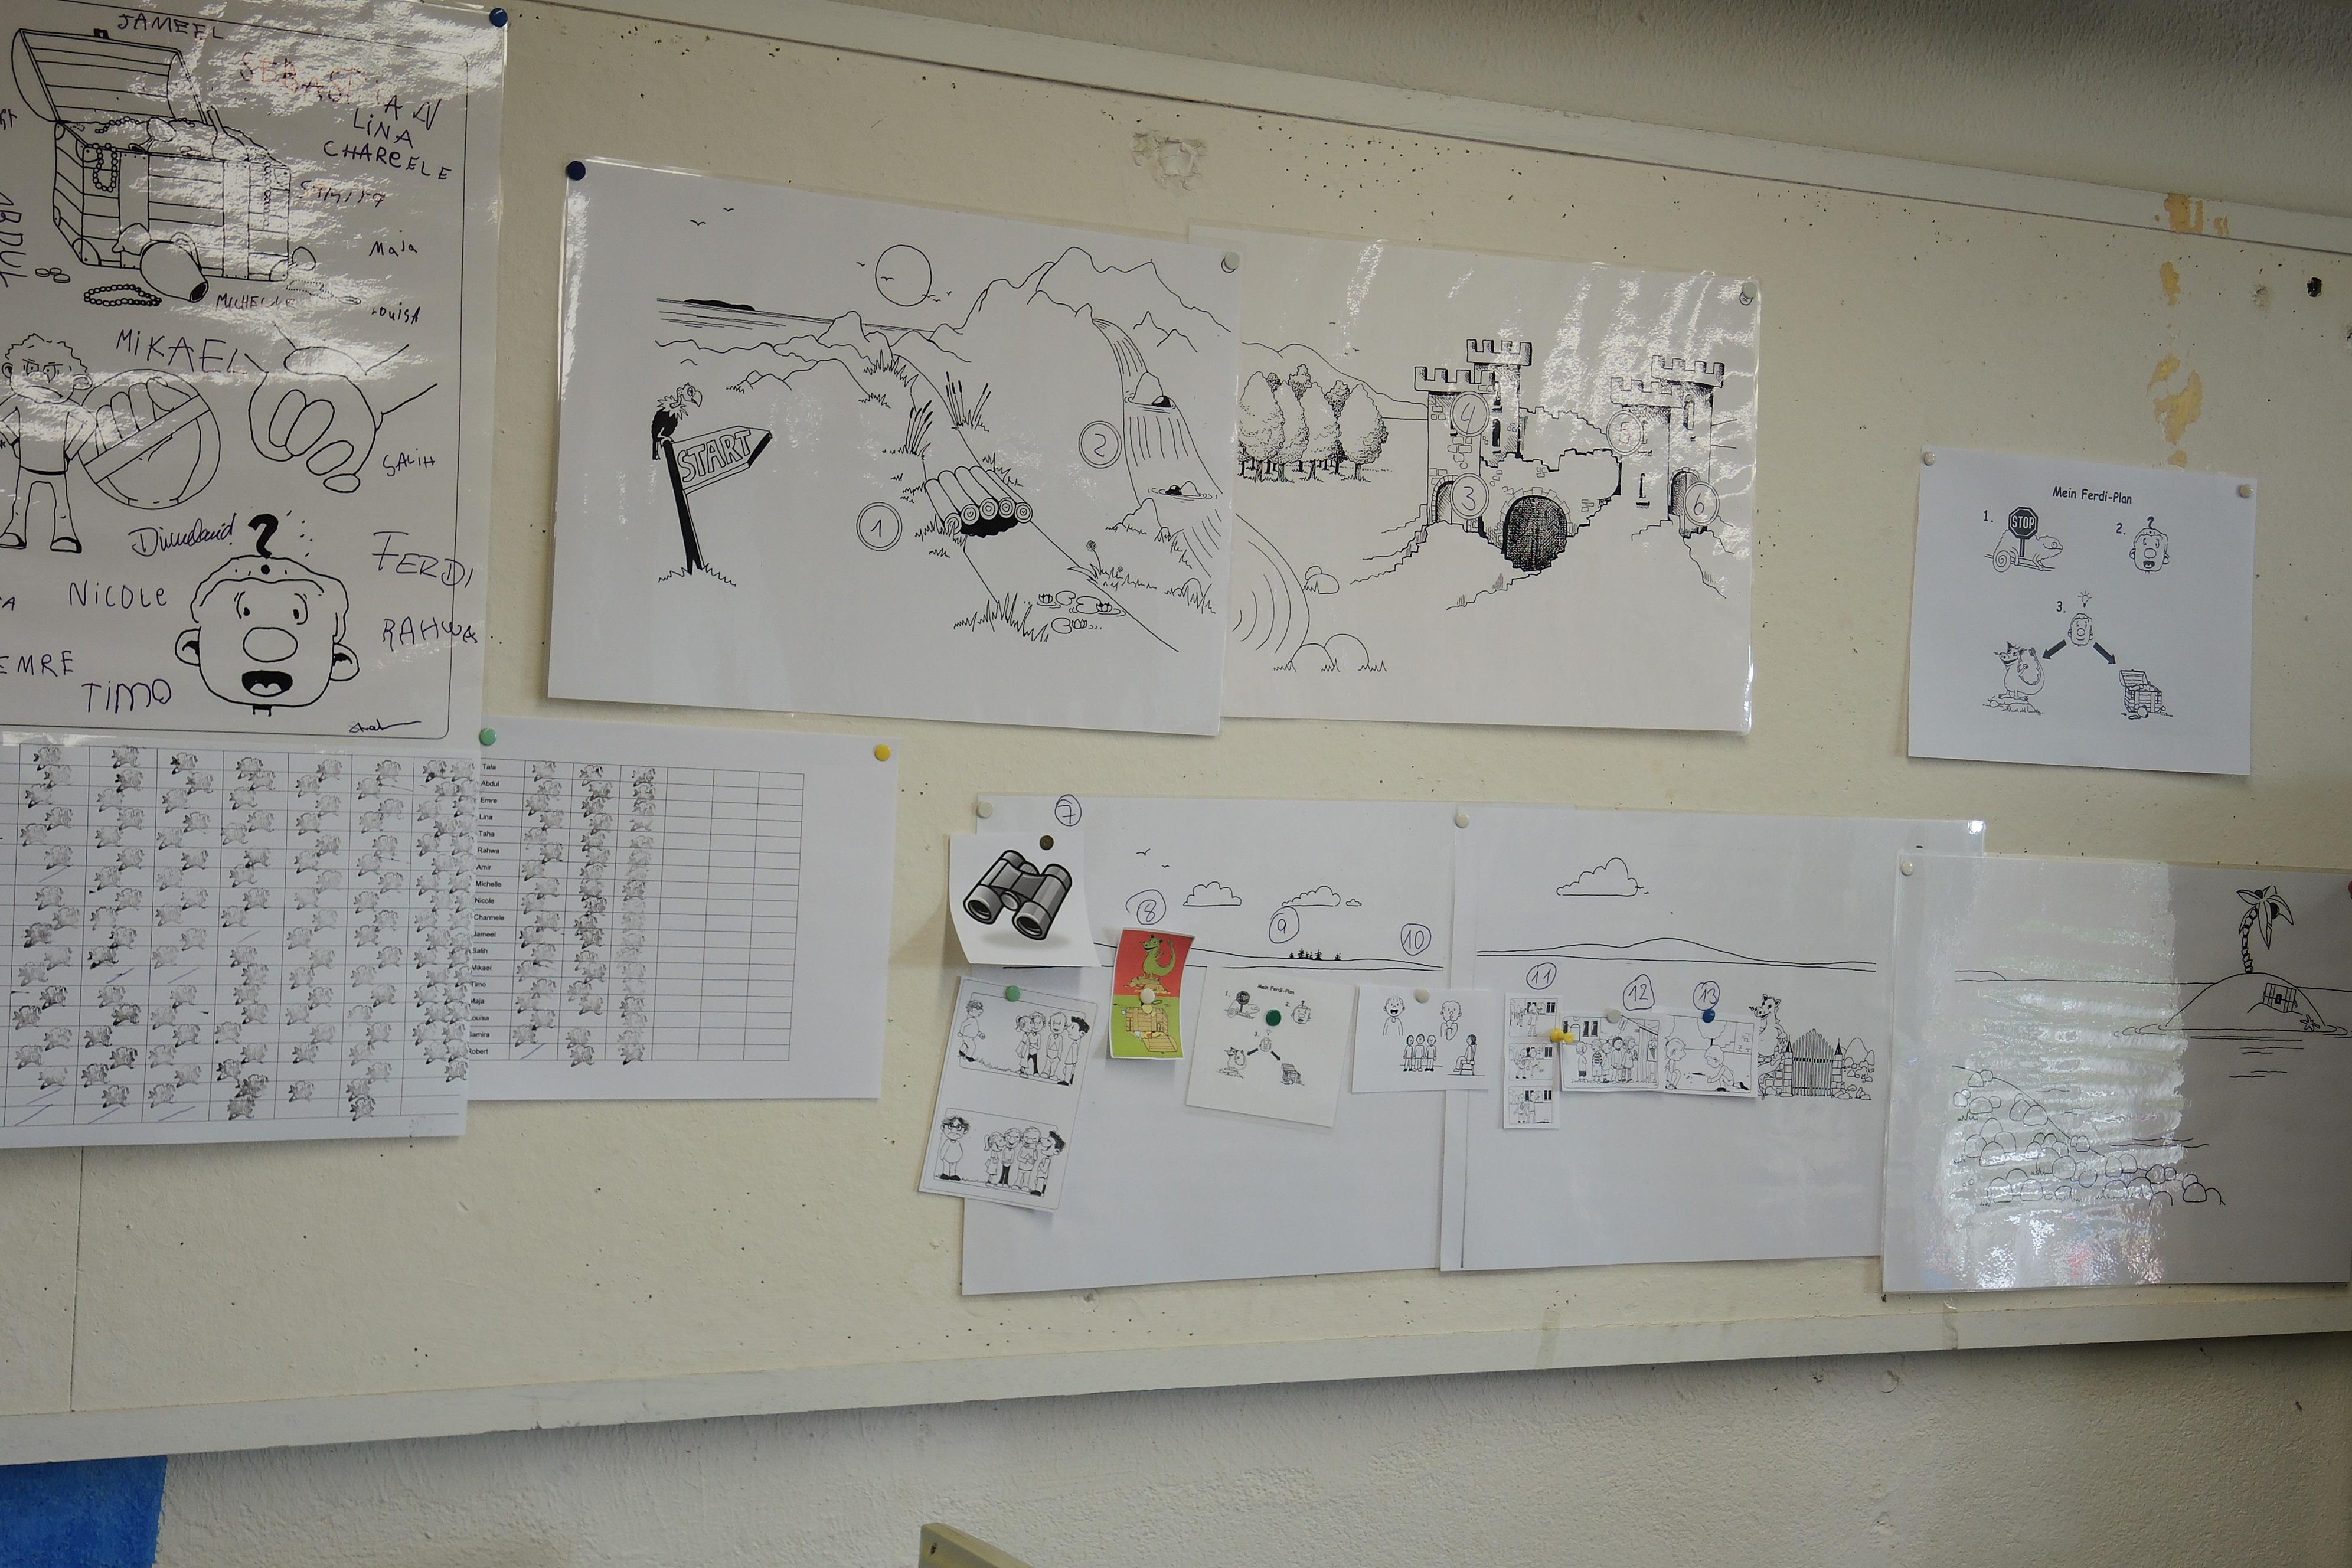 Schön Board Lösungsvorlage Ideen - Beispielzusammenfassung Ideen ...